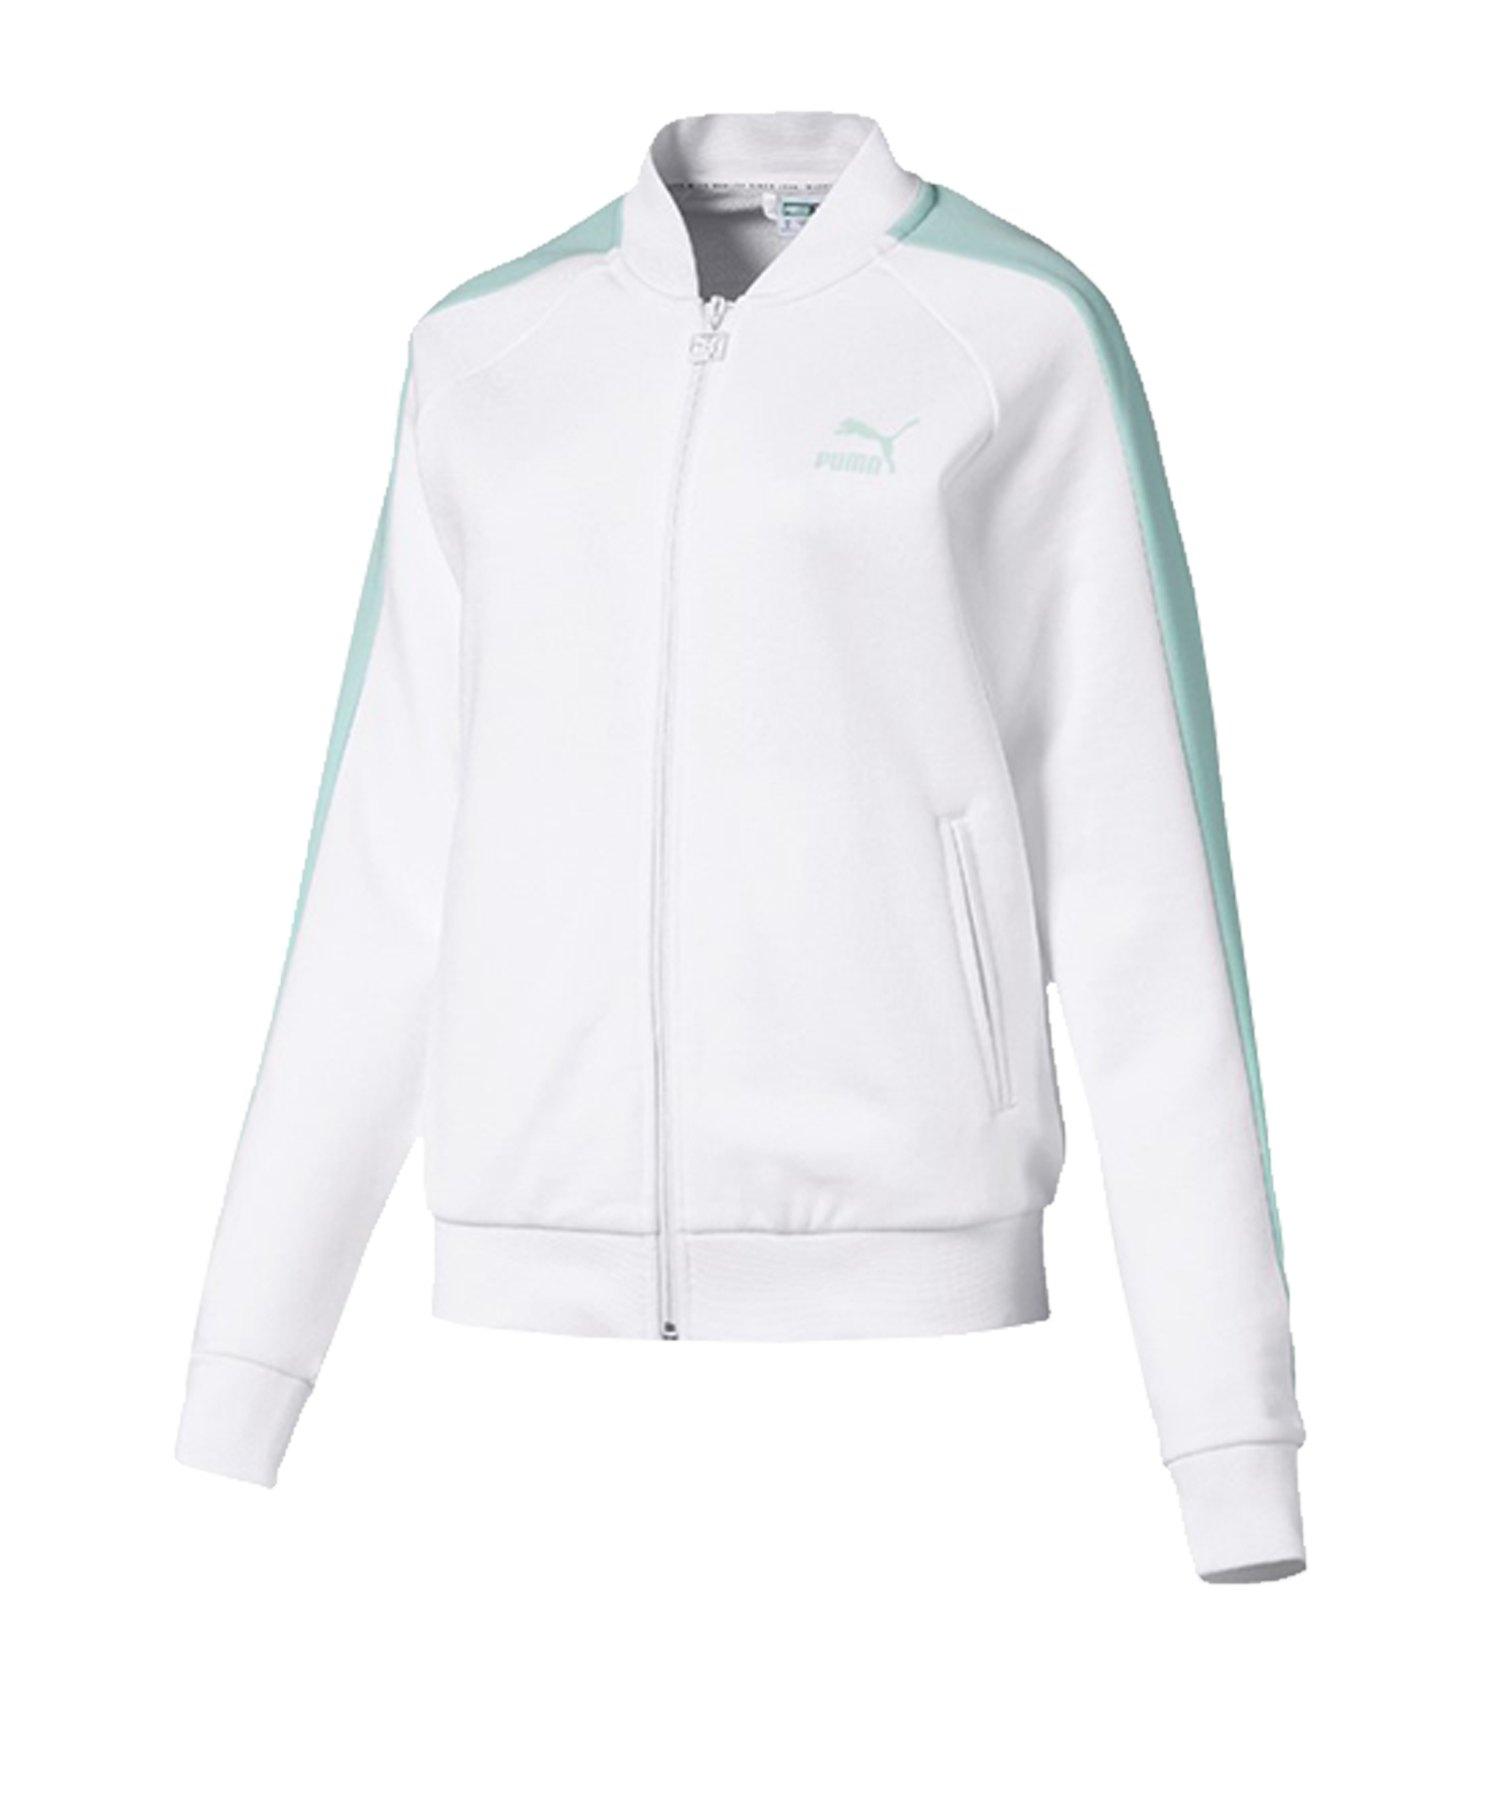 PUMA Classics T7 Track Jacket Jacke Damen F02 - weiss